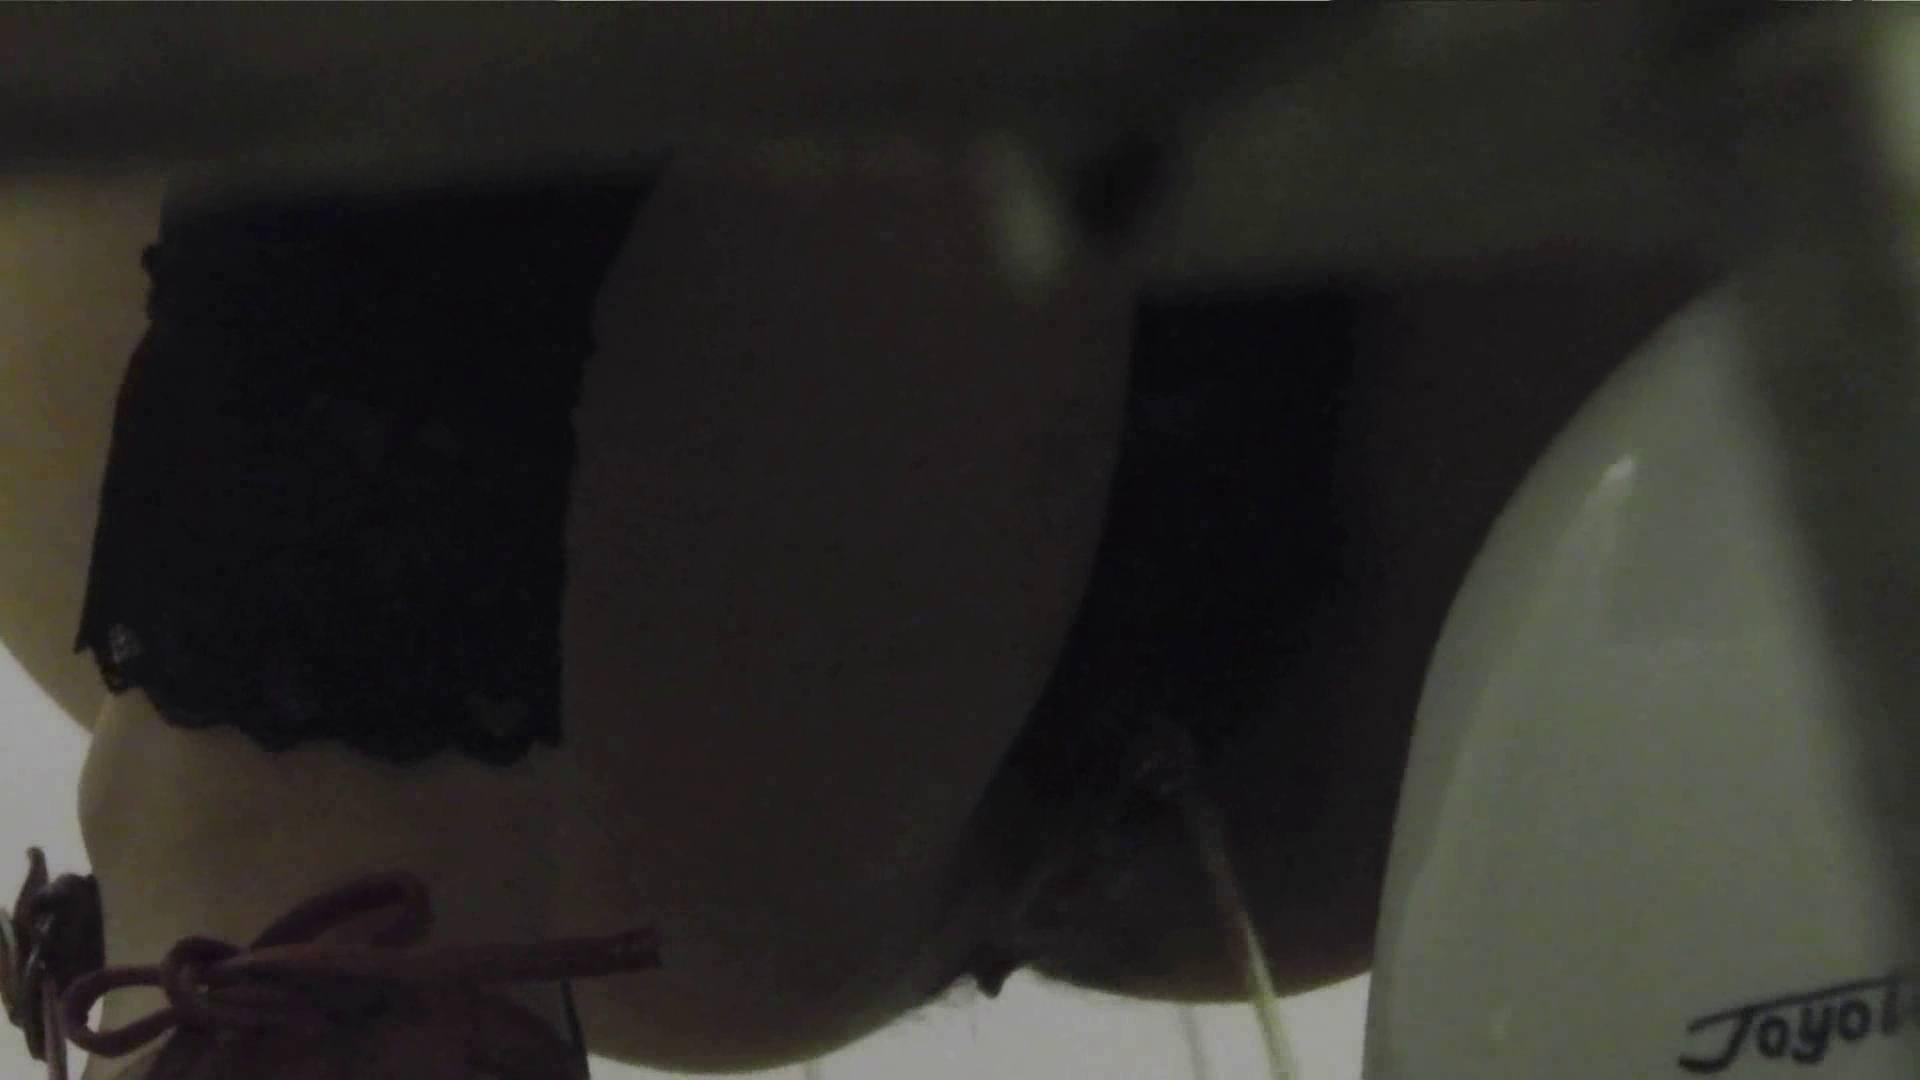 洗面所特攻隊 vol.020 びにょ~ん エッチなお姉さん | 丸見え  54画像 26